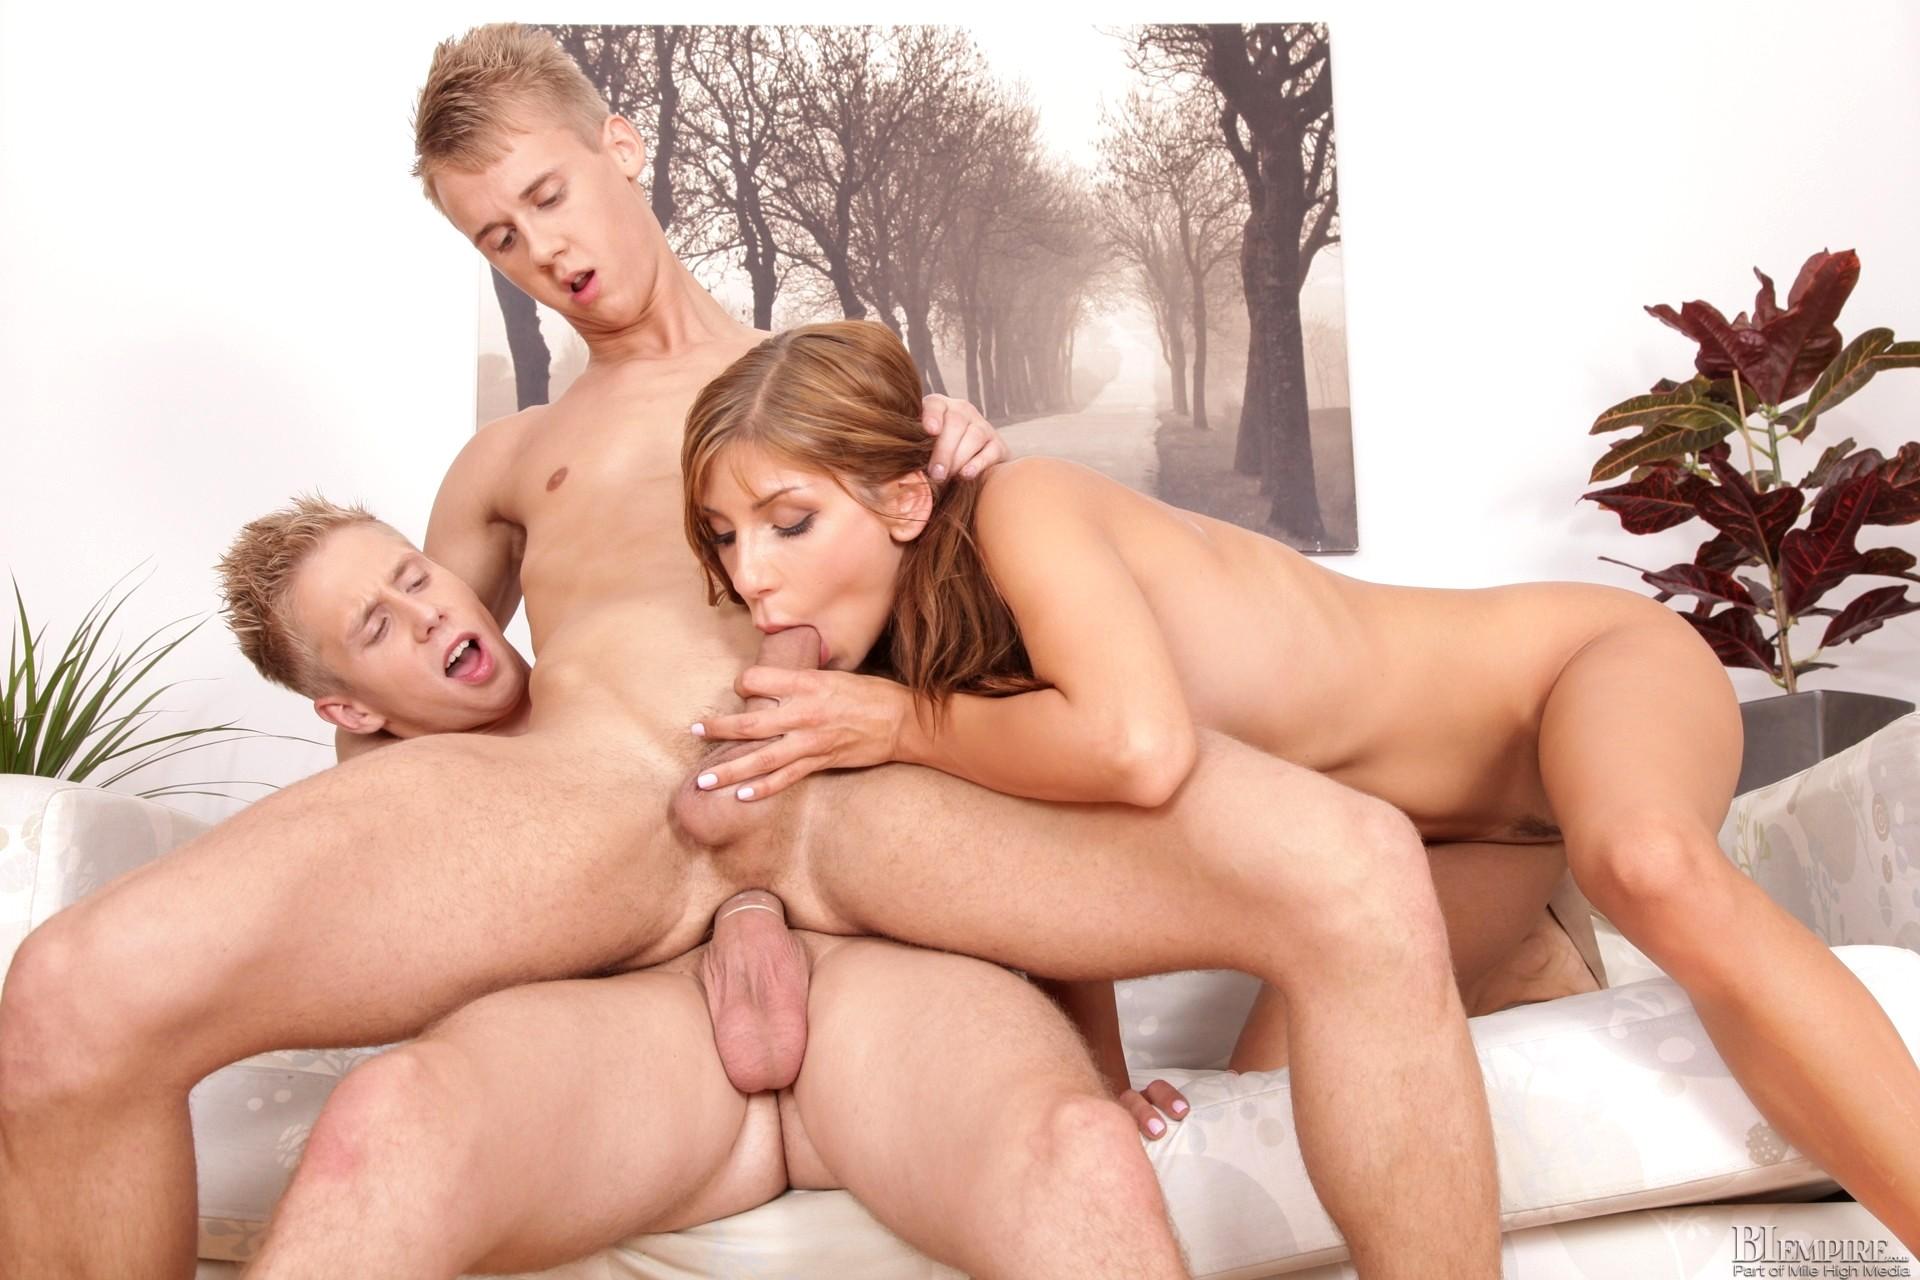 смотреть порно молодых русских бисексуалов - 13